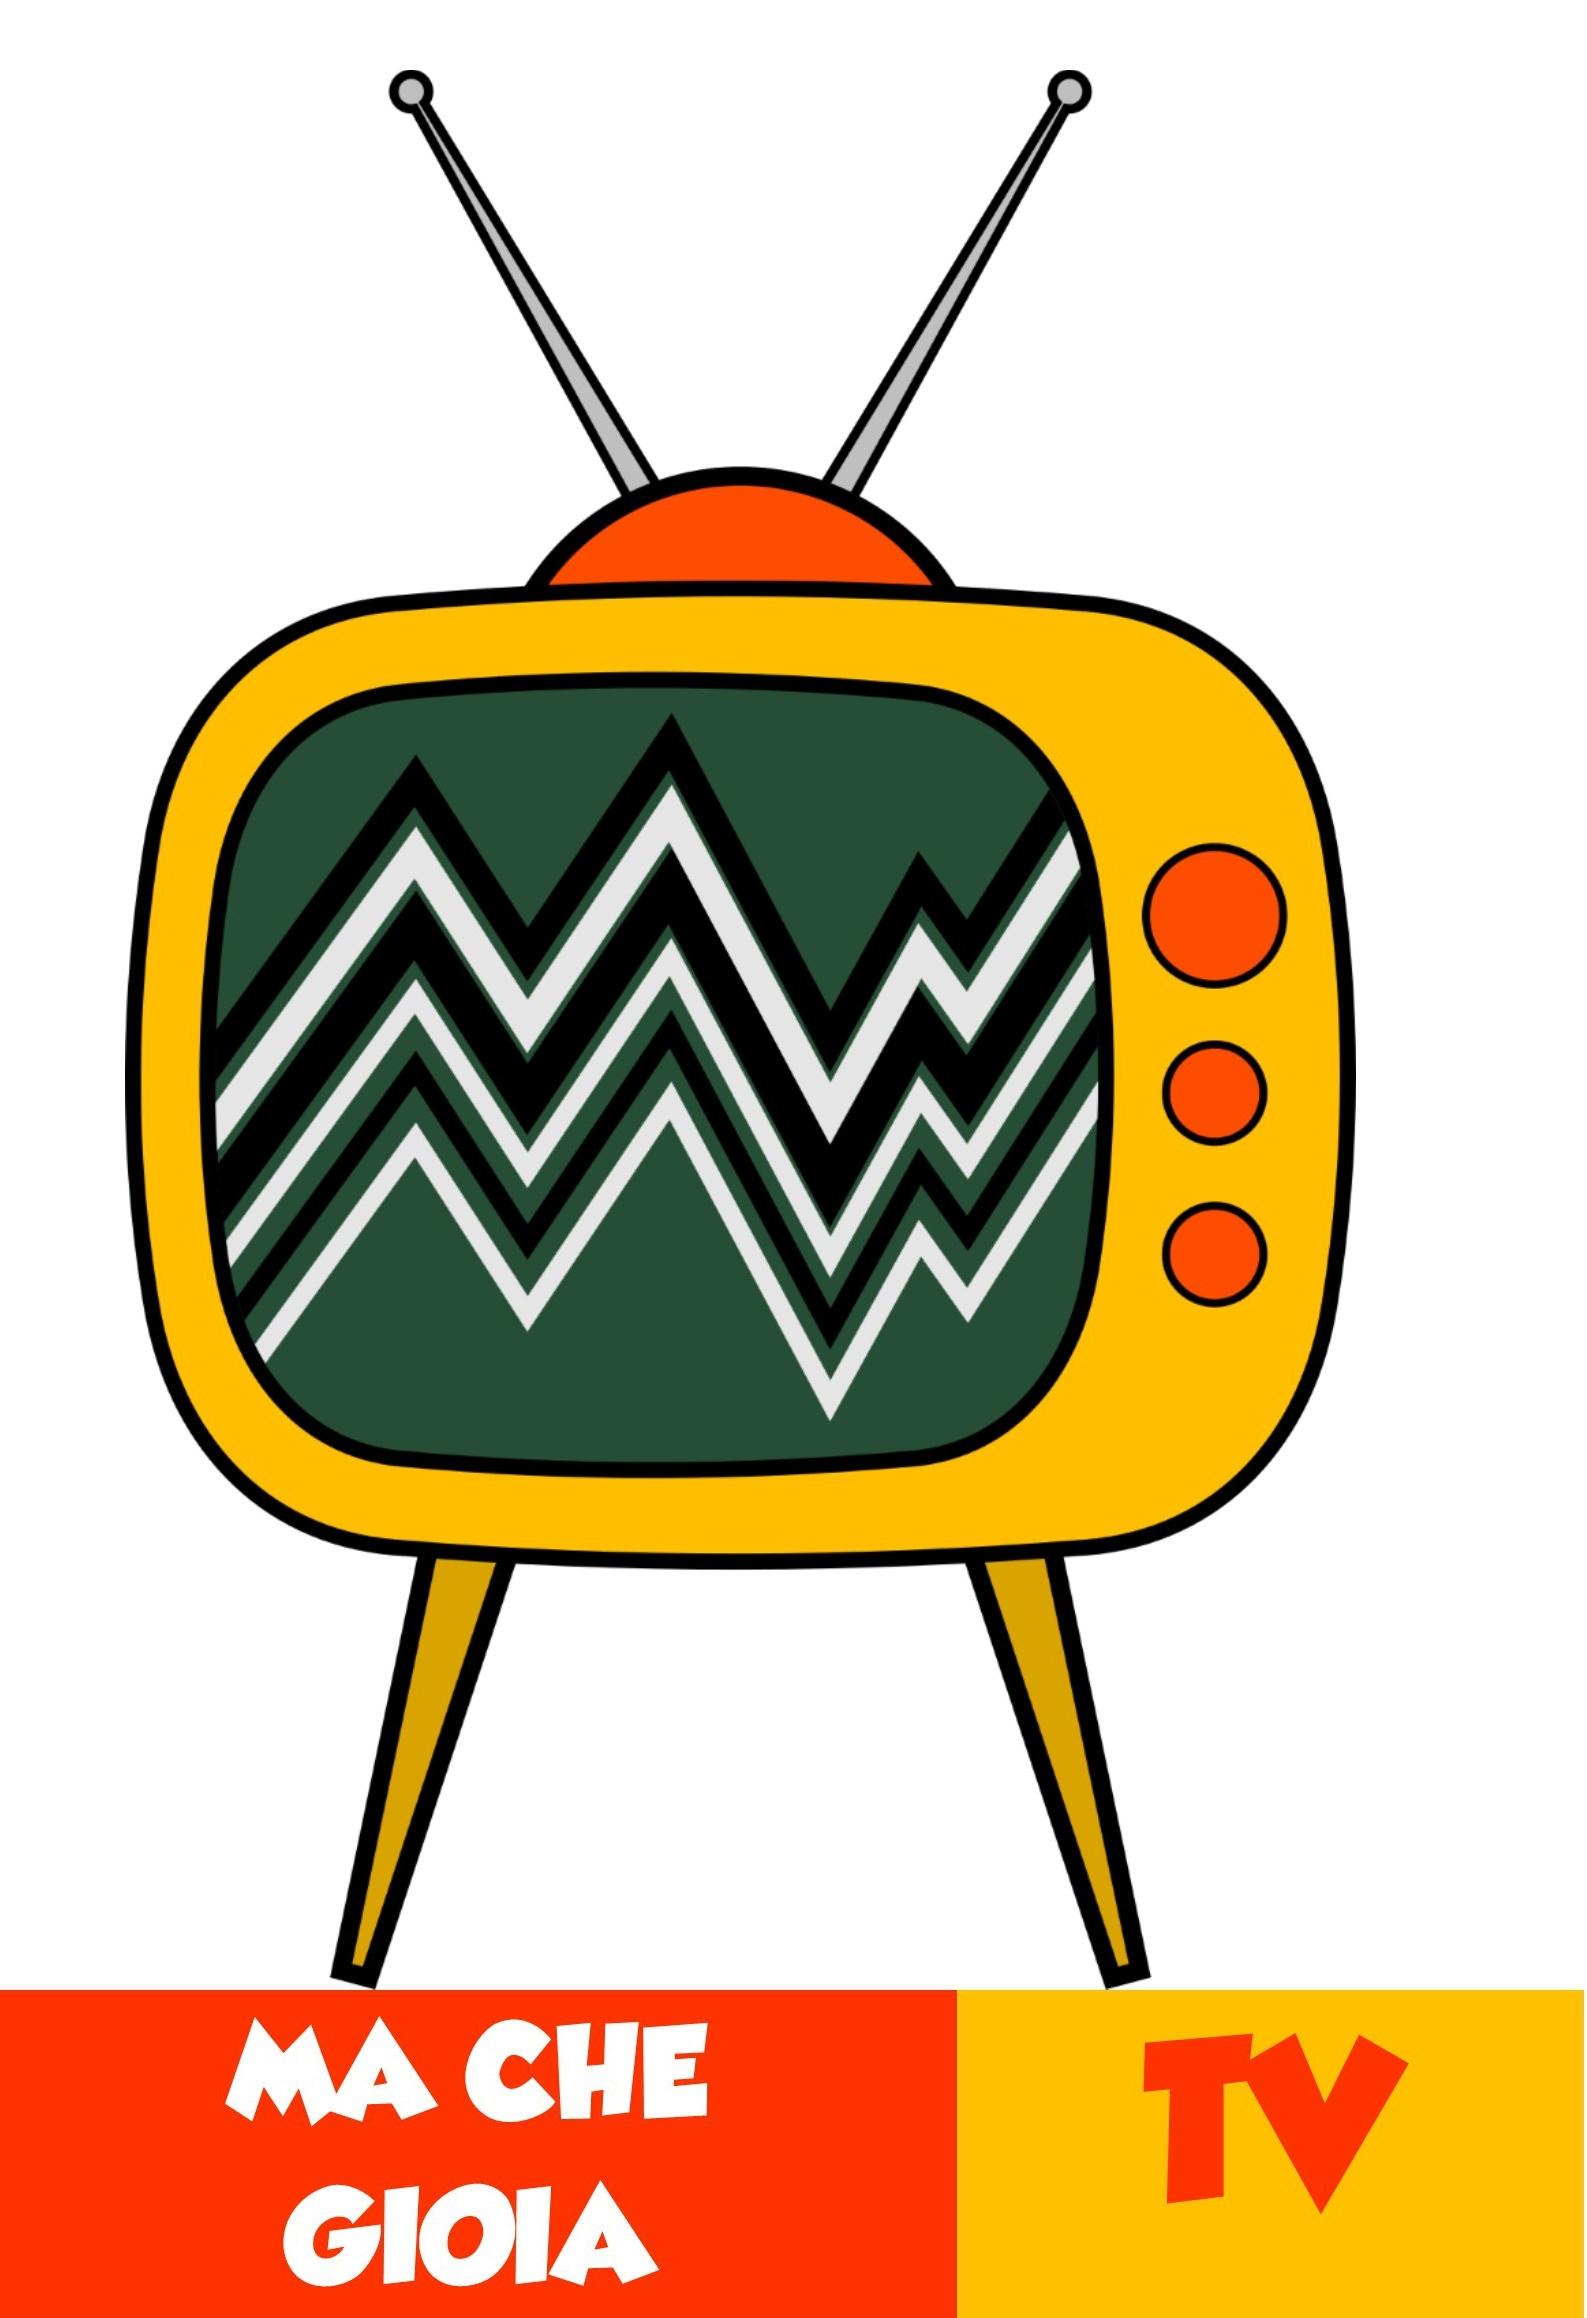 MA CHE GIOIA TV LOGO OK_modificata